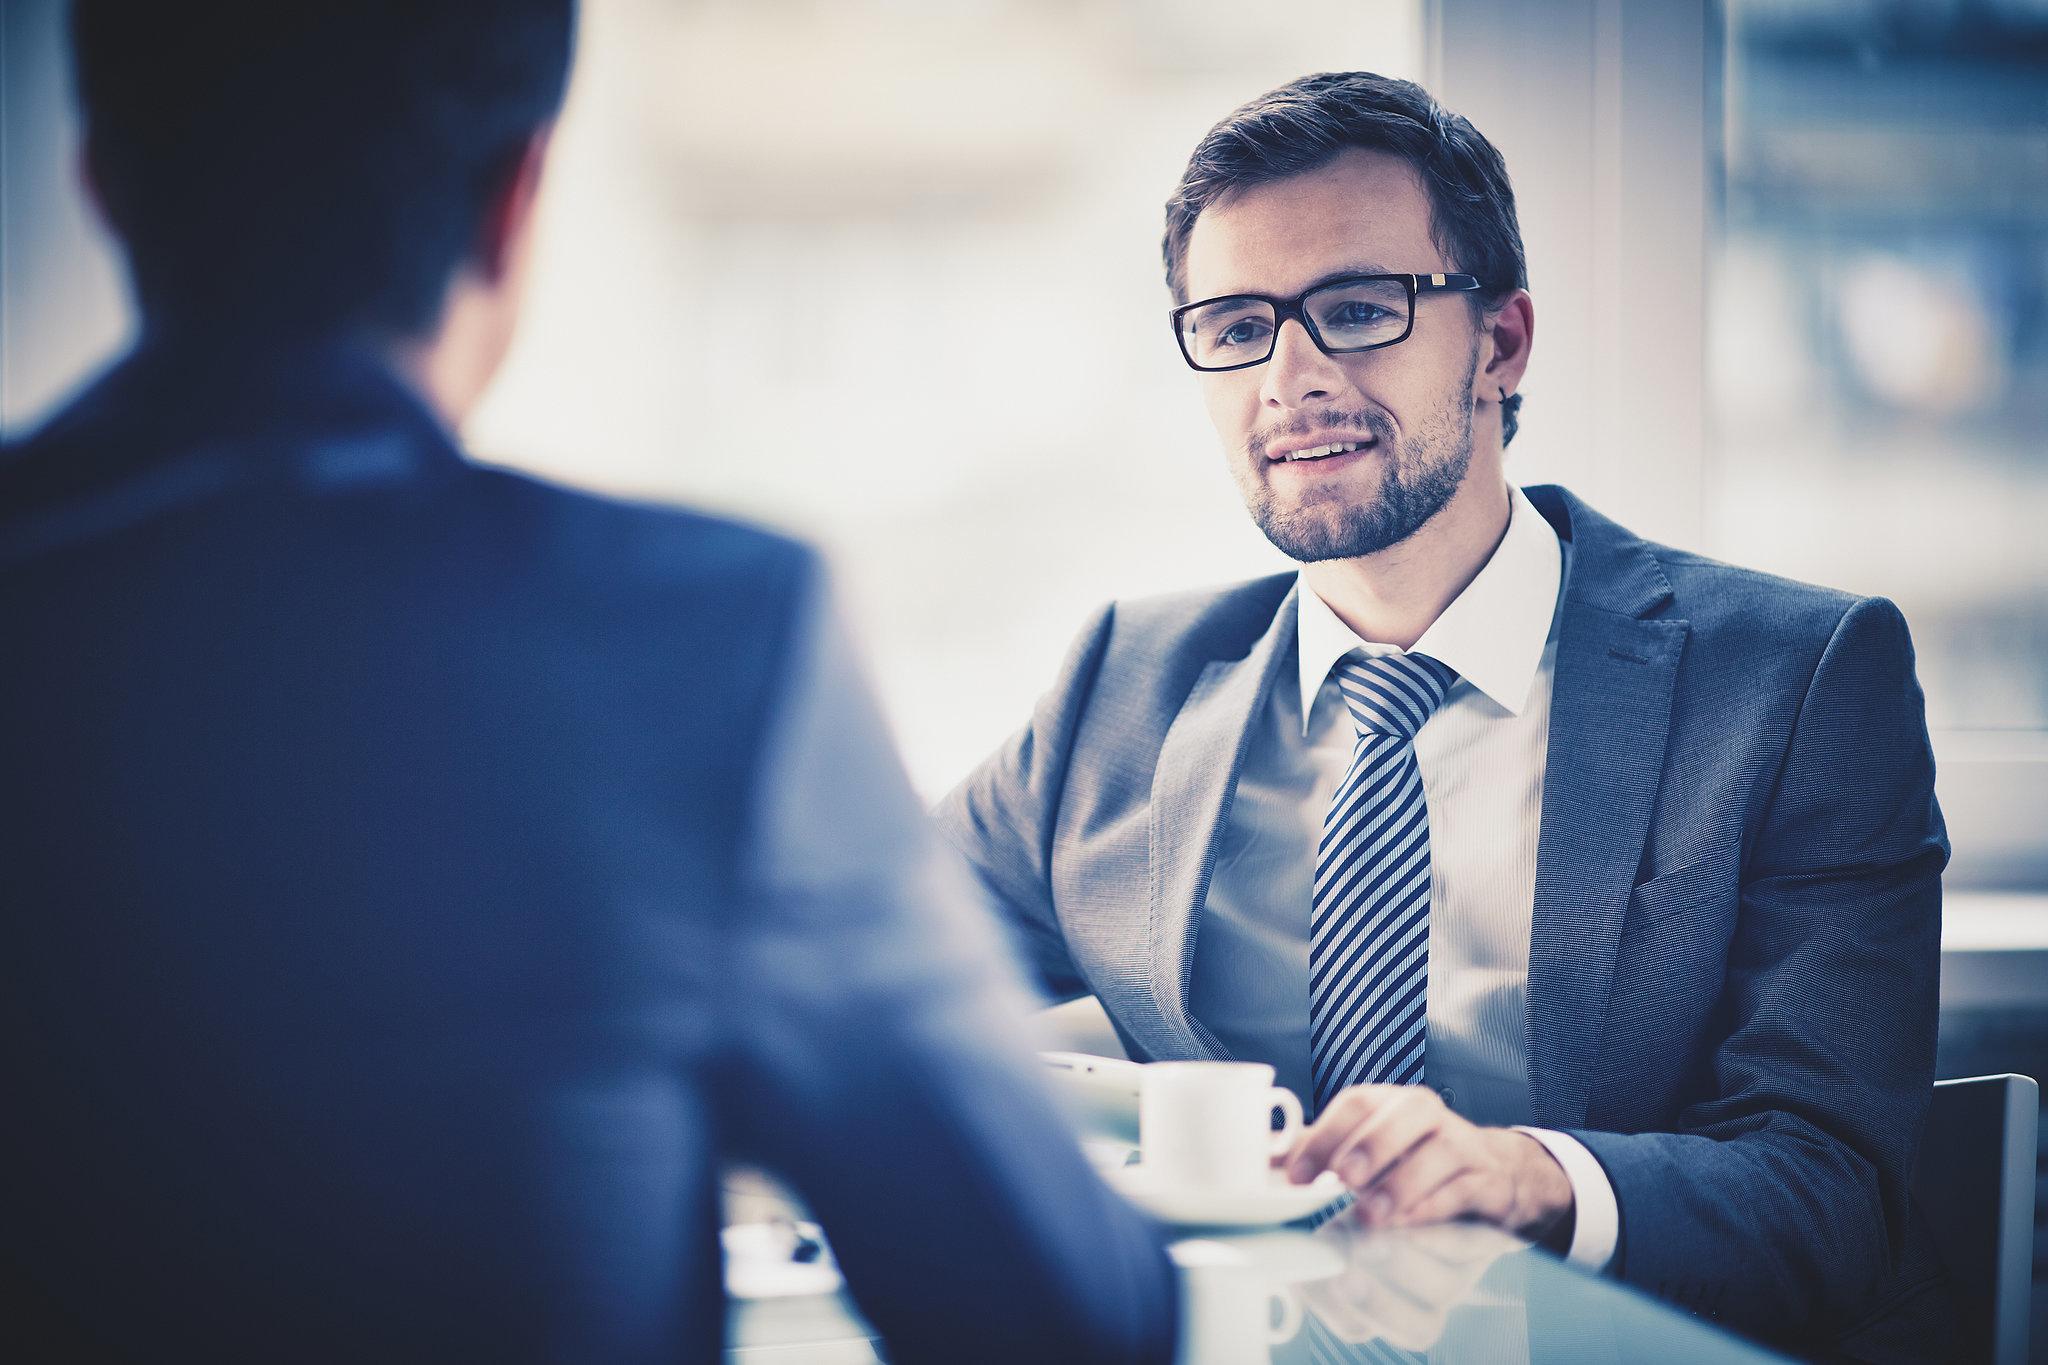 3 حيل بسيطة للتحكم في أعصابك خلال مقابلة العمل